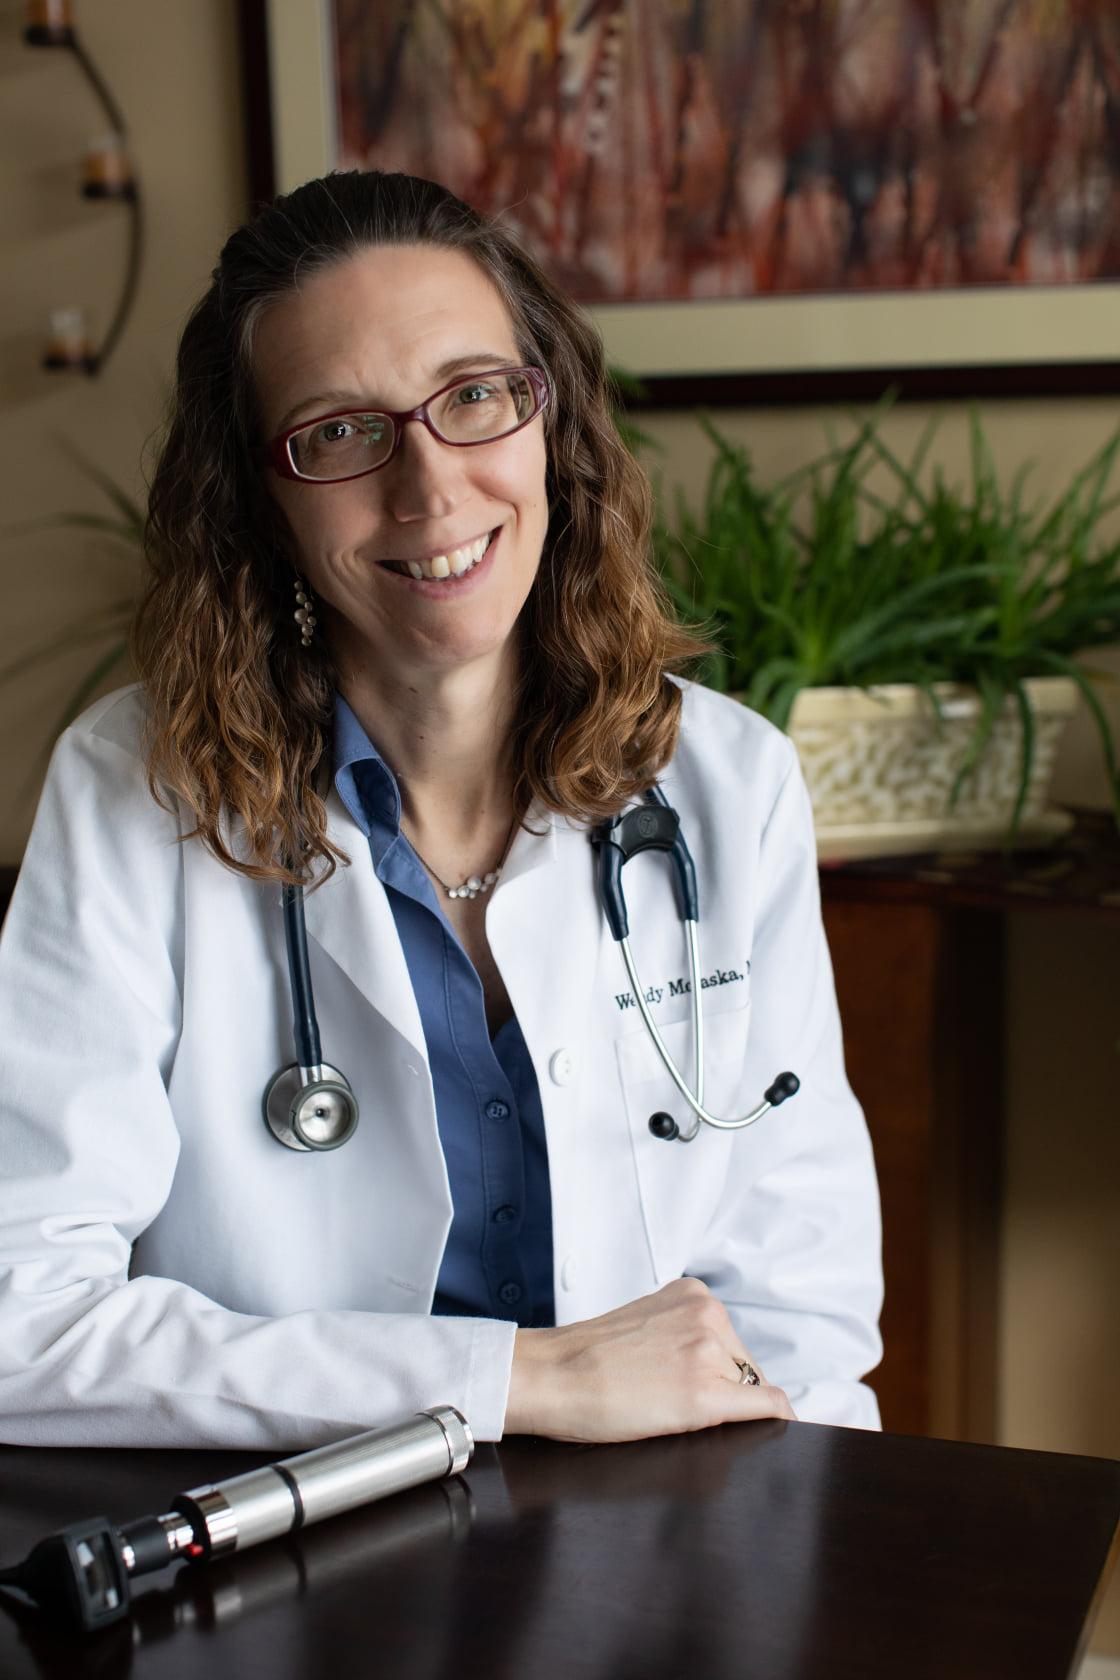 Dr. Wendy Molaska